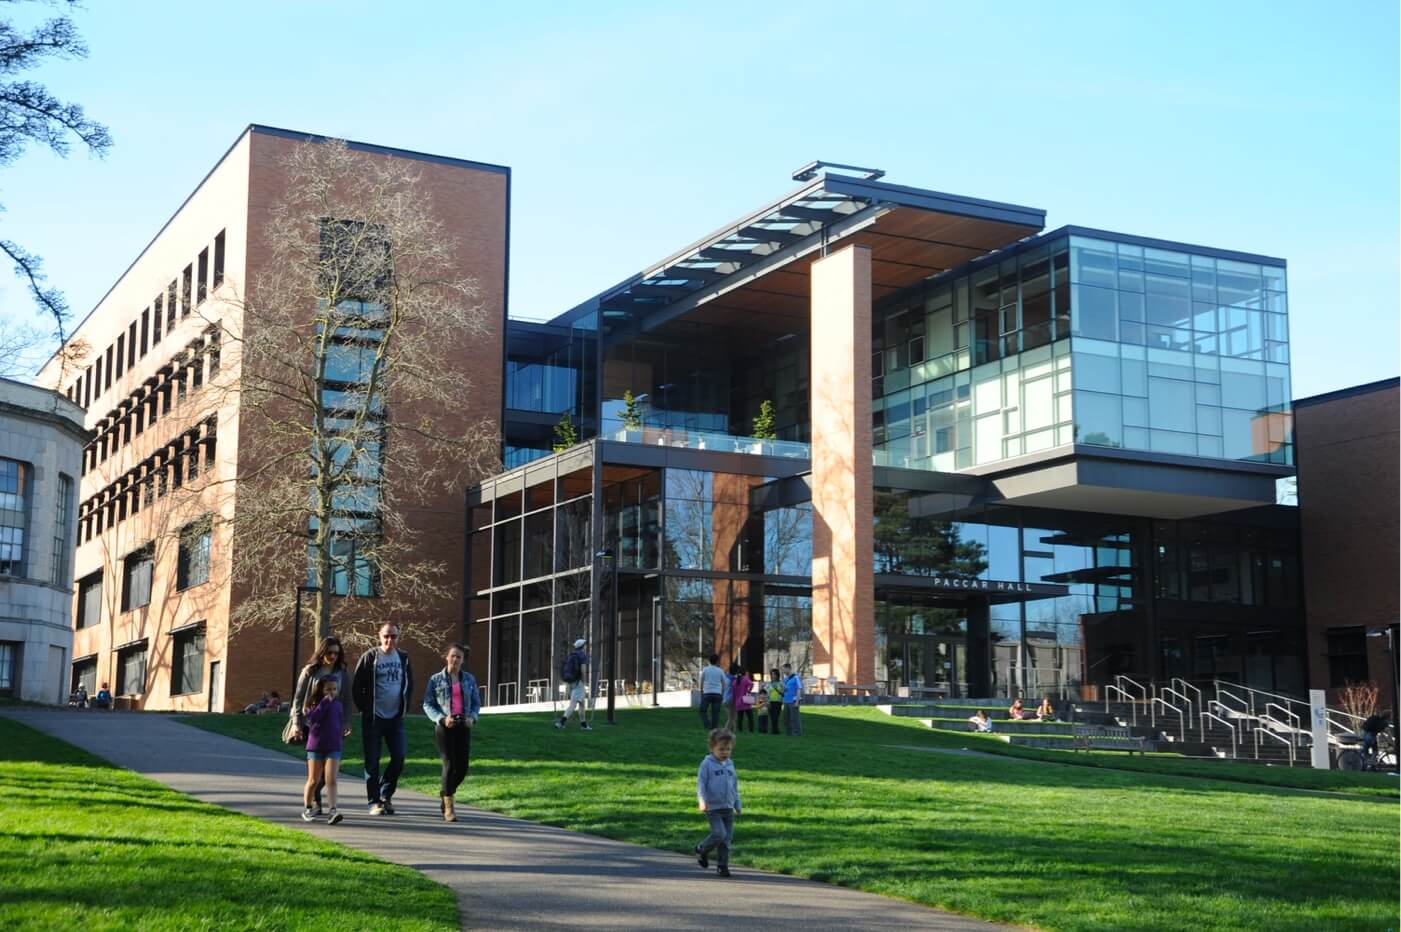 Universitätsgebäude mit Menschen auf Grünflächen.